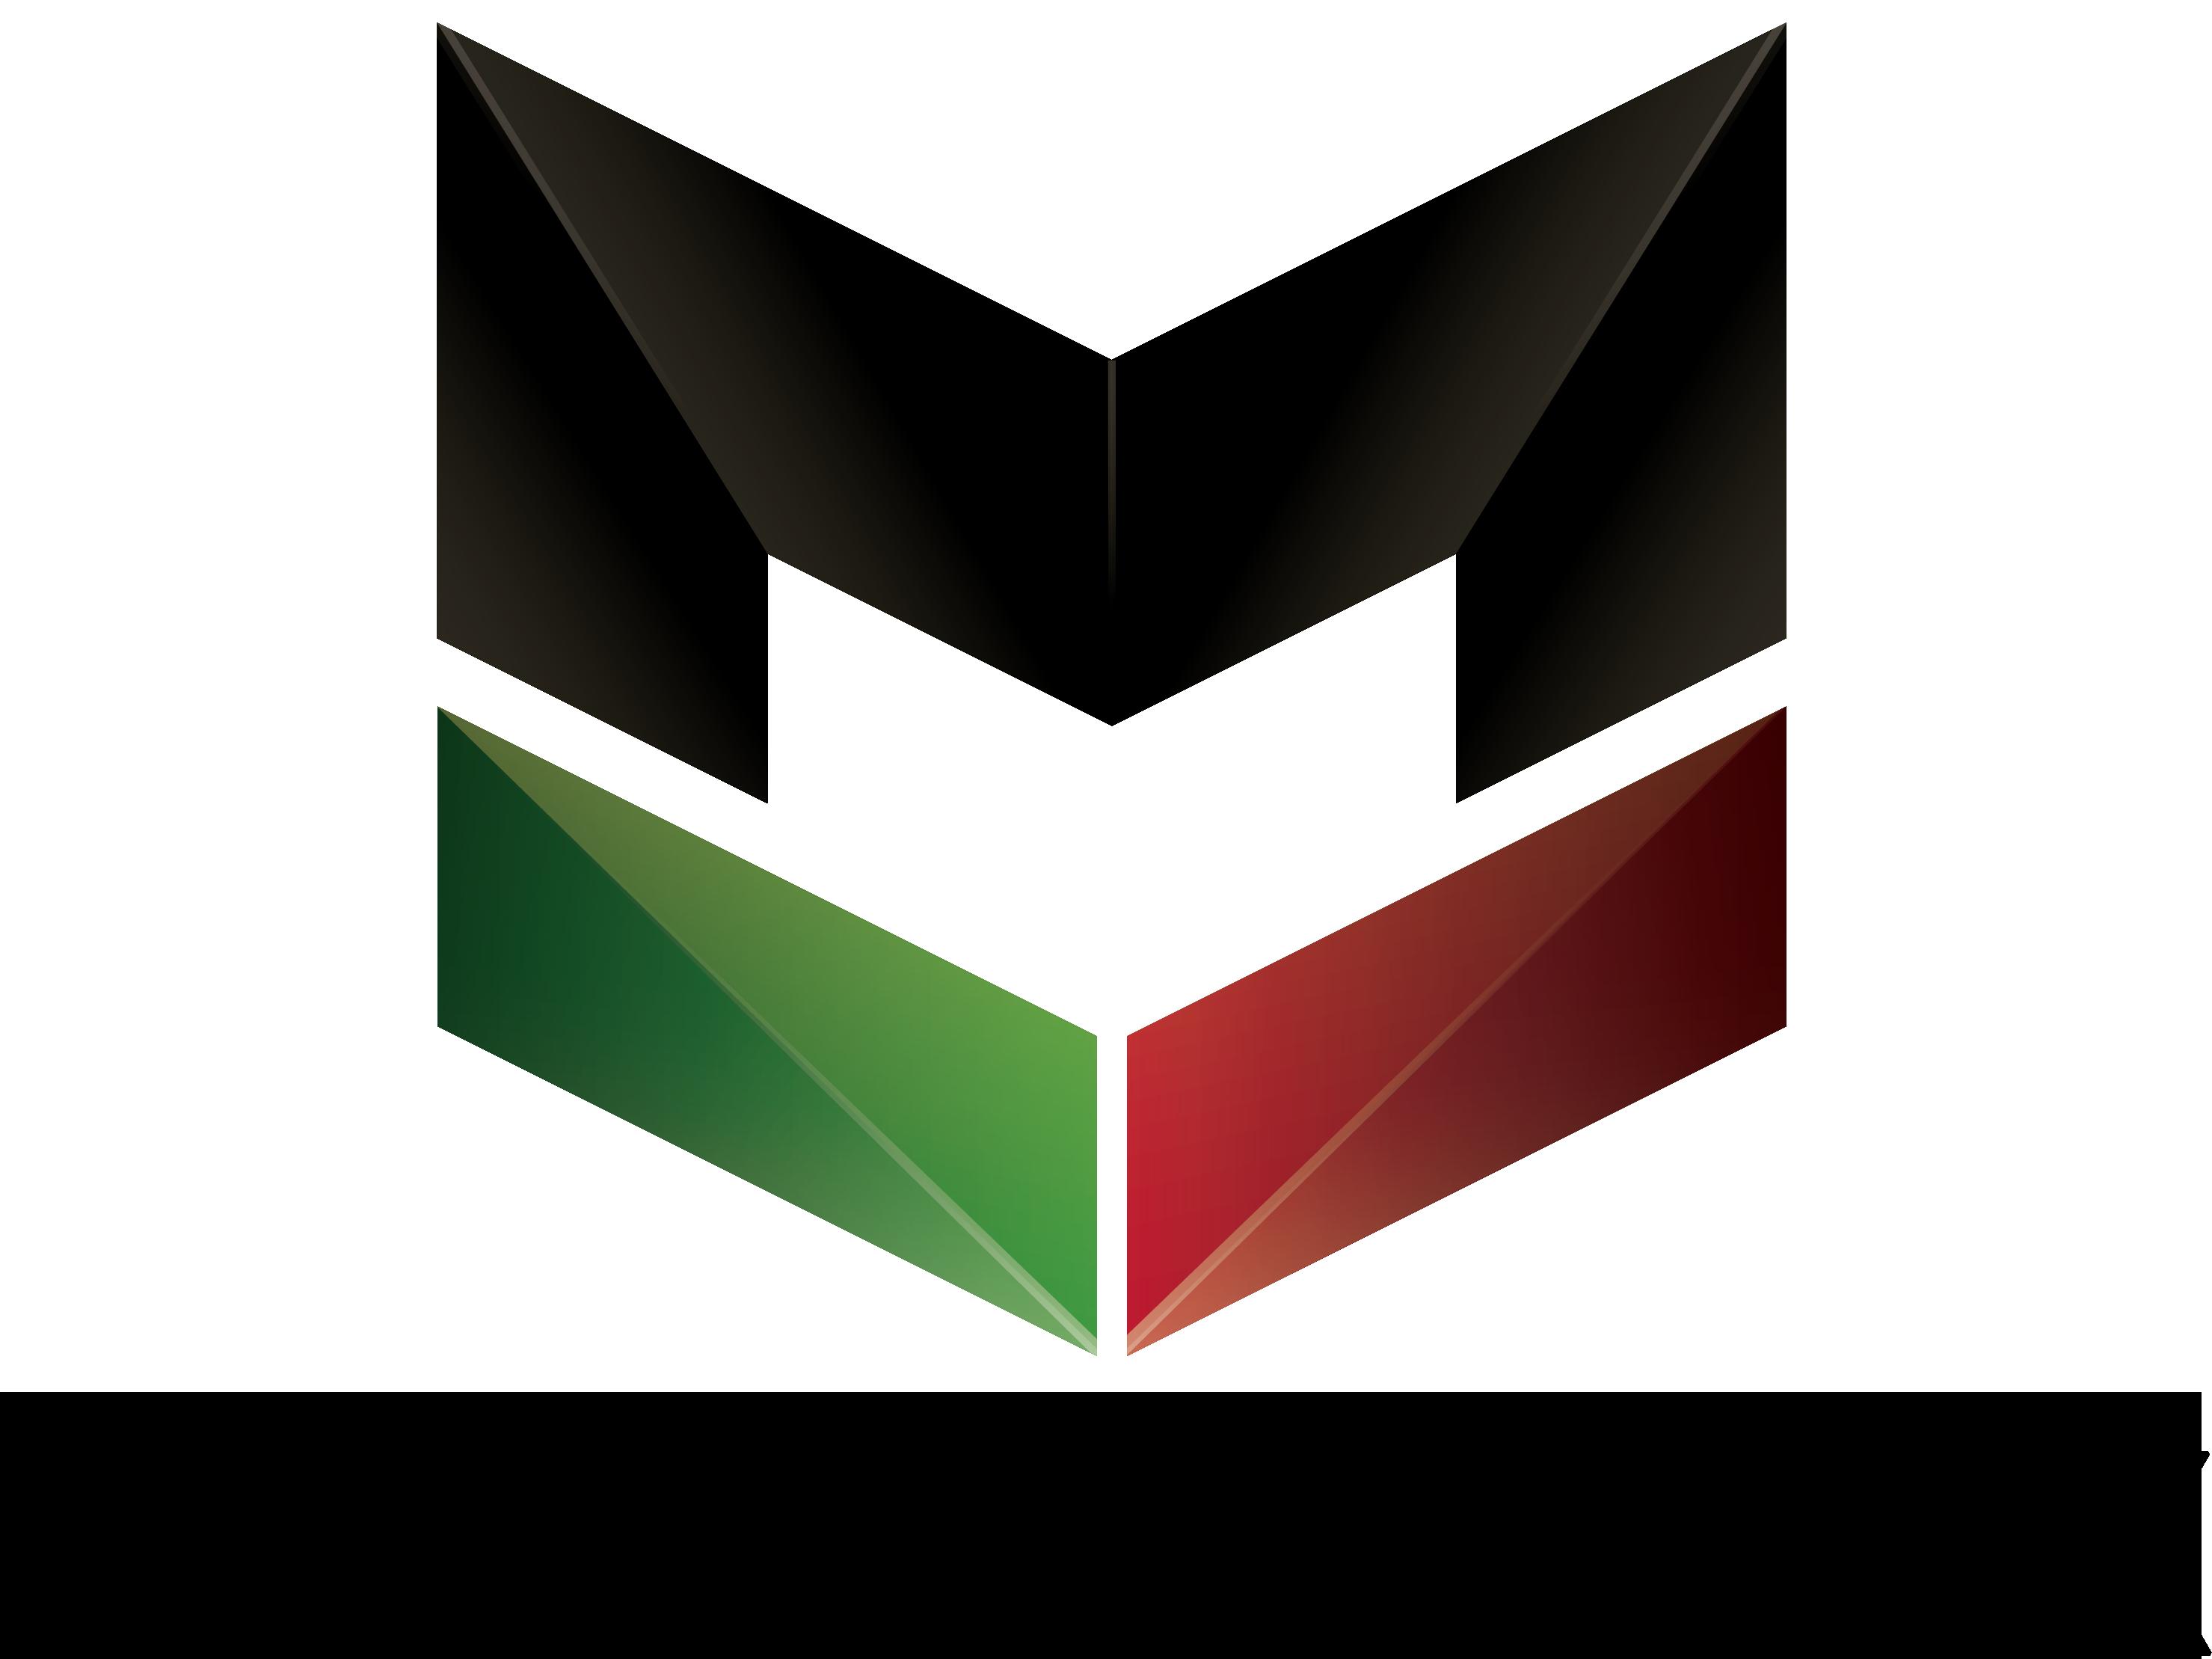 STEAMEXICO-MX-NEGRO-STEAM-MEXICO-LOGO-COMUNIDAD-STEAM-MEXICO-LAGLVL.COM-WWW.STEAMMEXICO.MX-STEAM-MEXICO-DISCORD-STEAM-KEYS-RANDOM-KEY-GRATIS